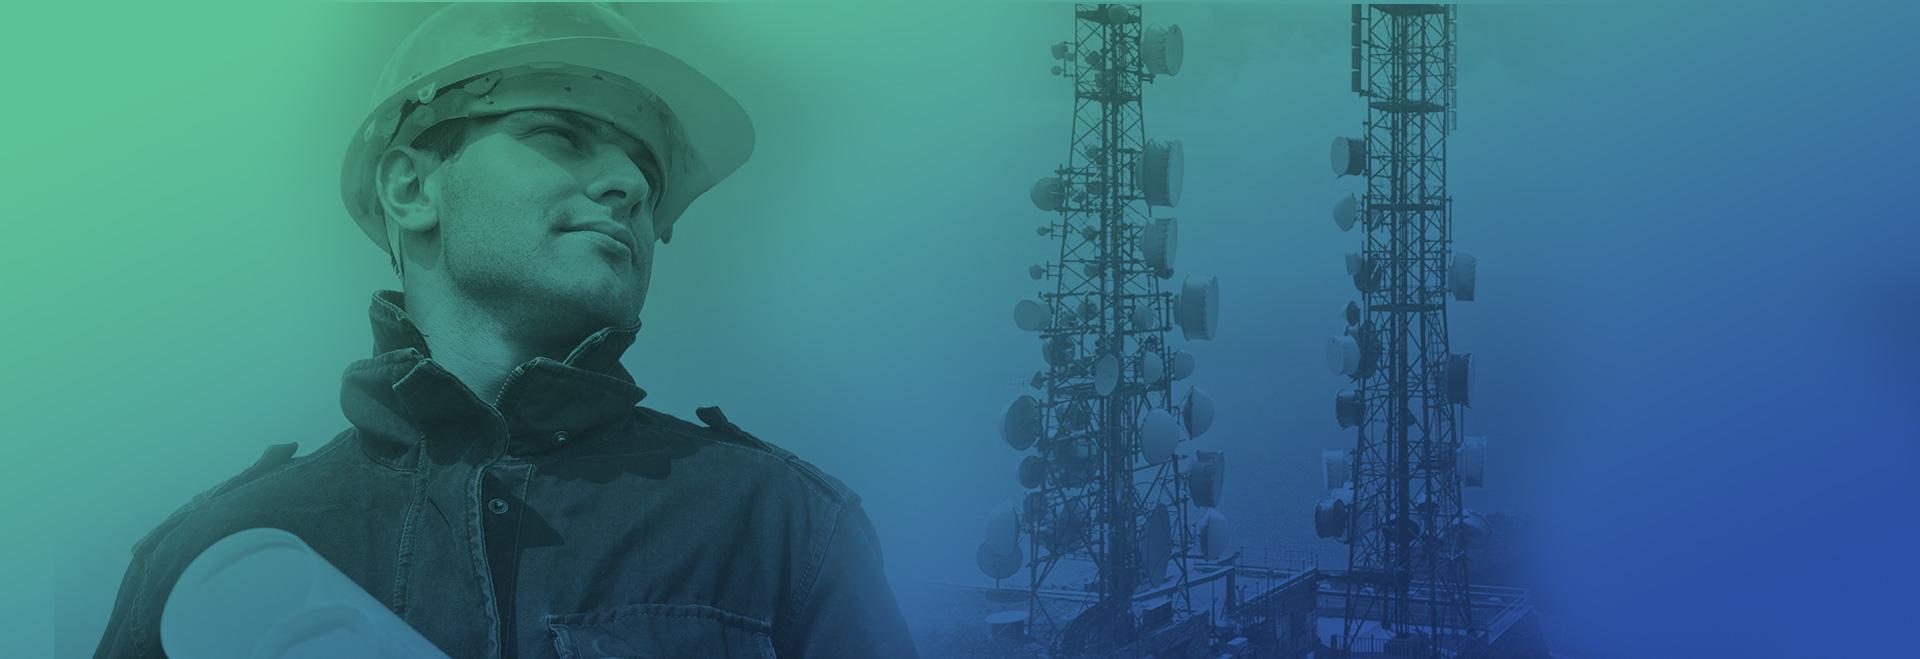 Soluções completas em tecnologia para Sistema de Telecomunicações e Segurança